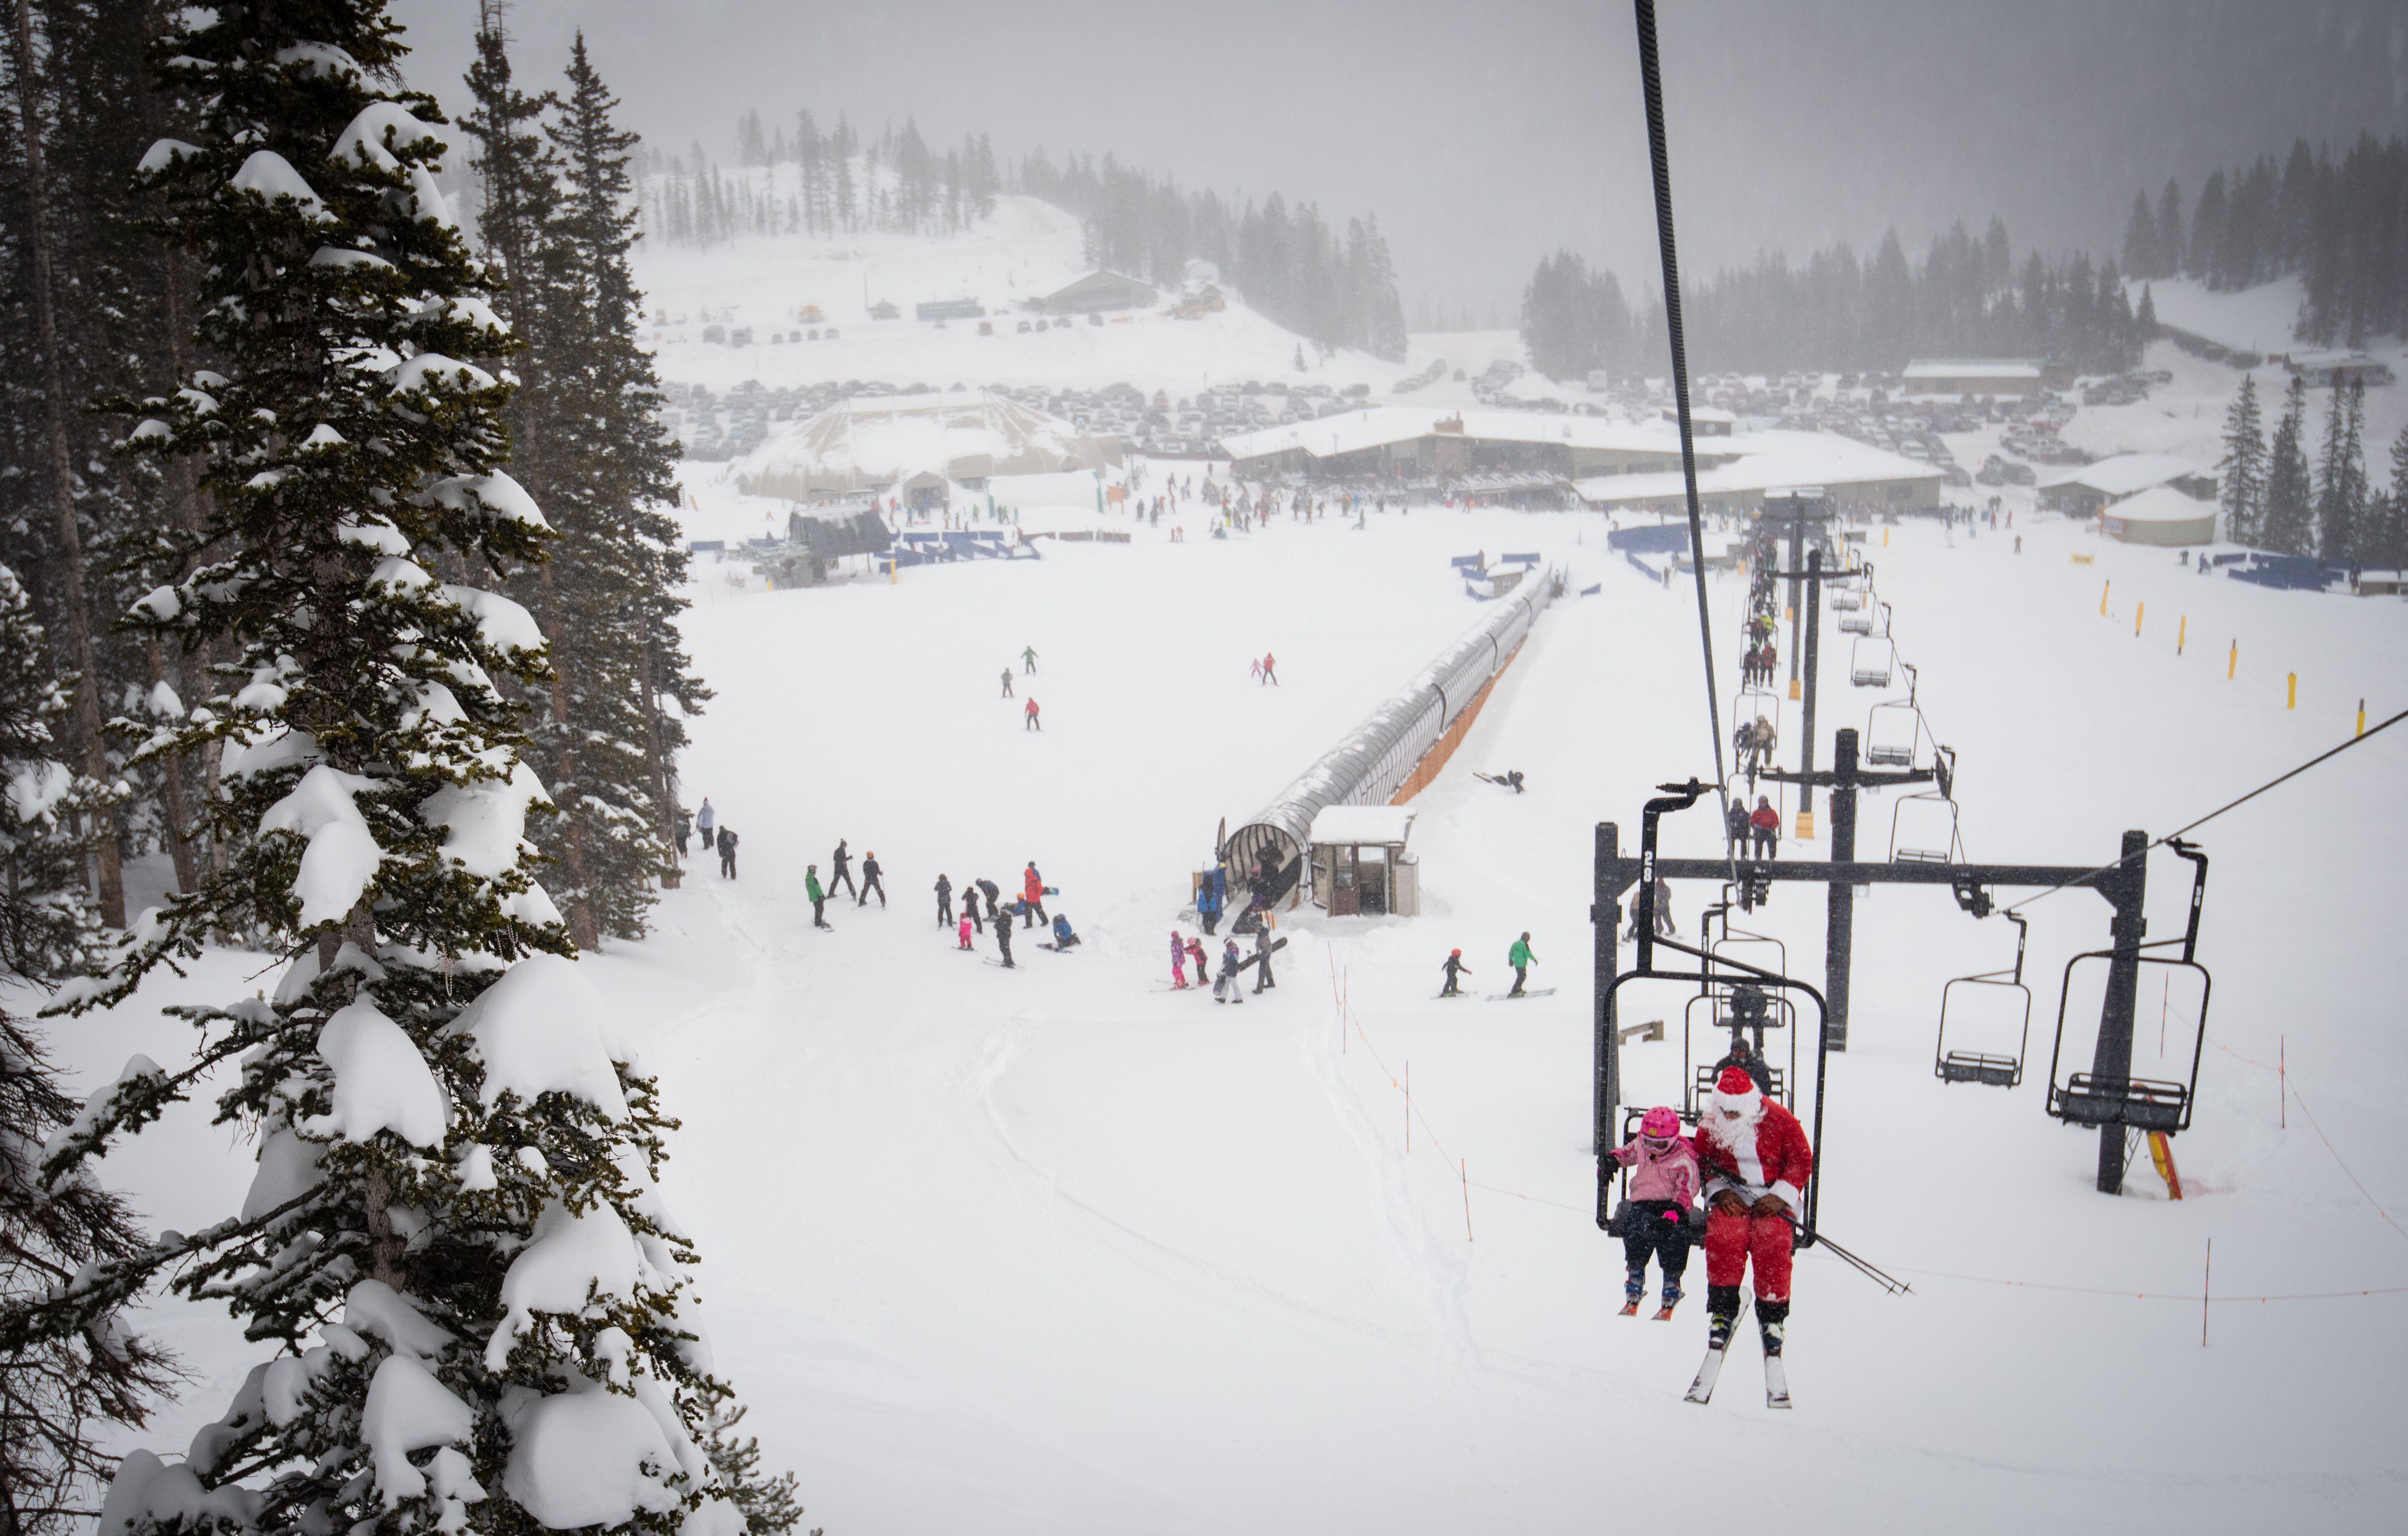 A girl and Santa on the ski lift at Monarch Ski Resort